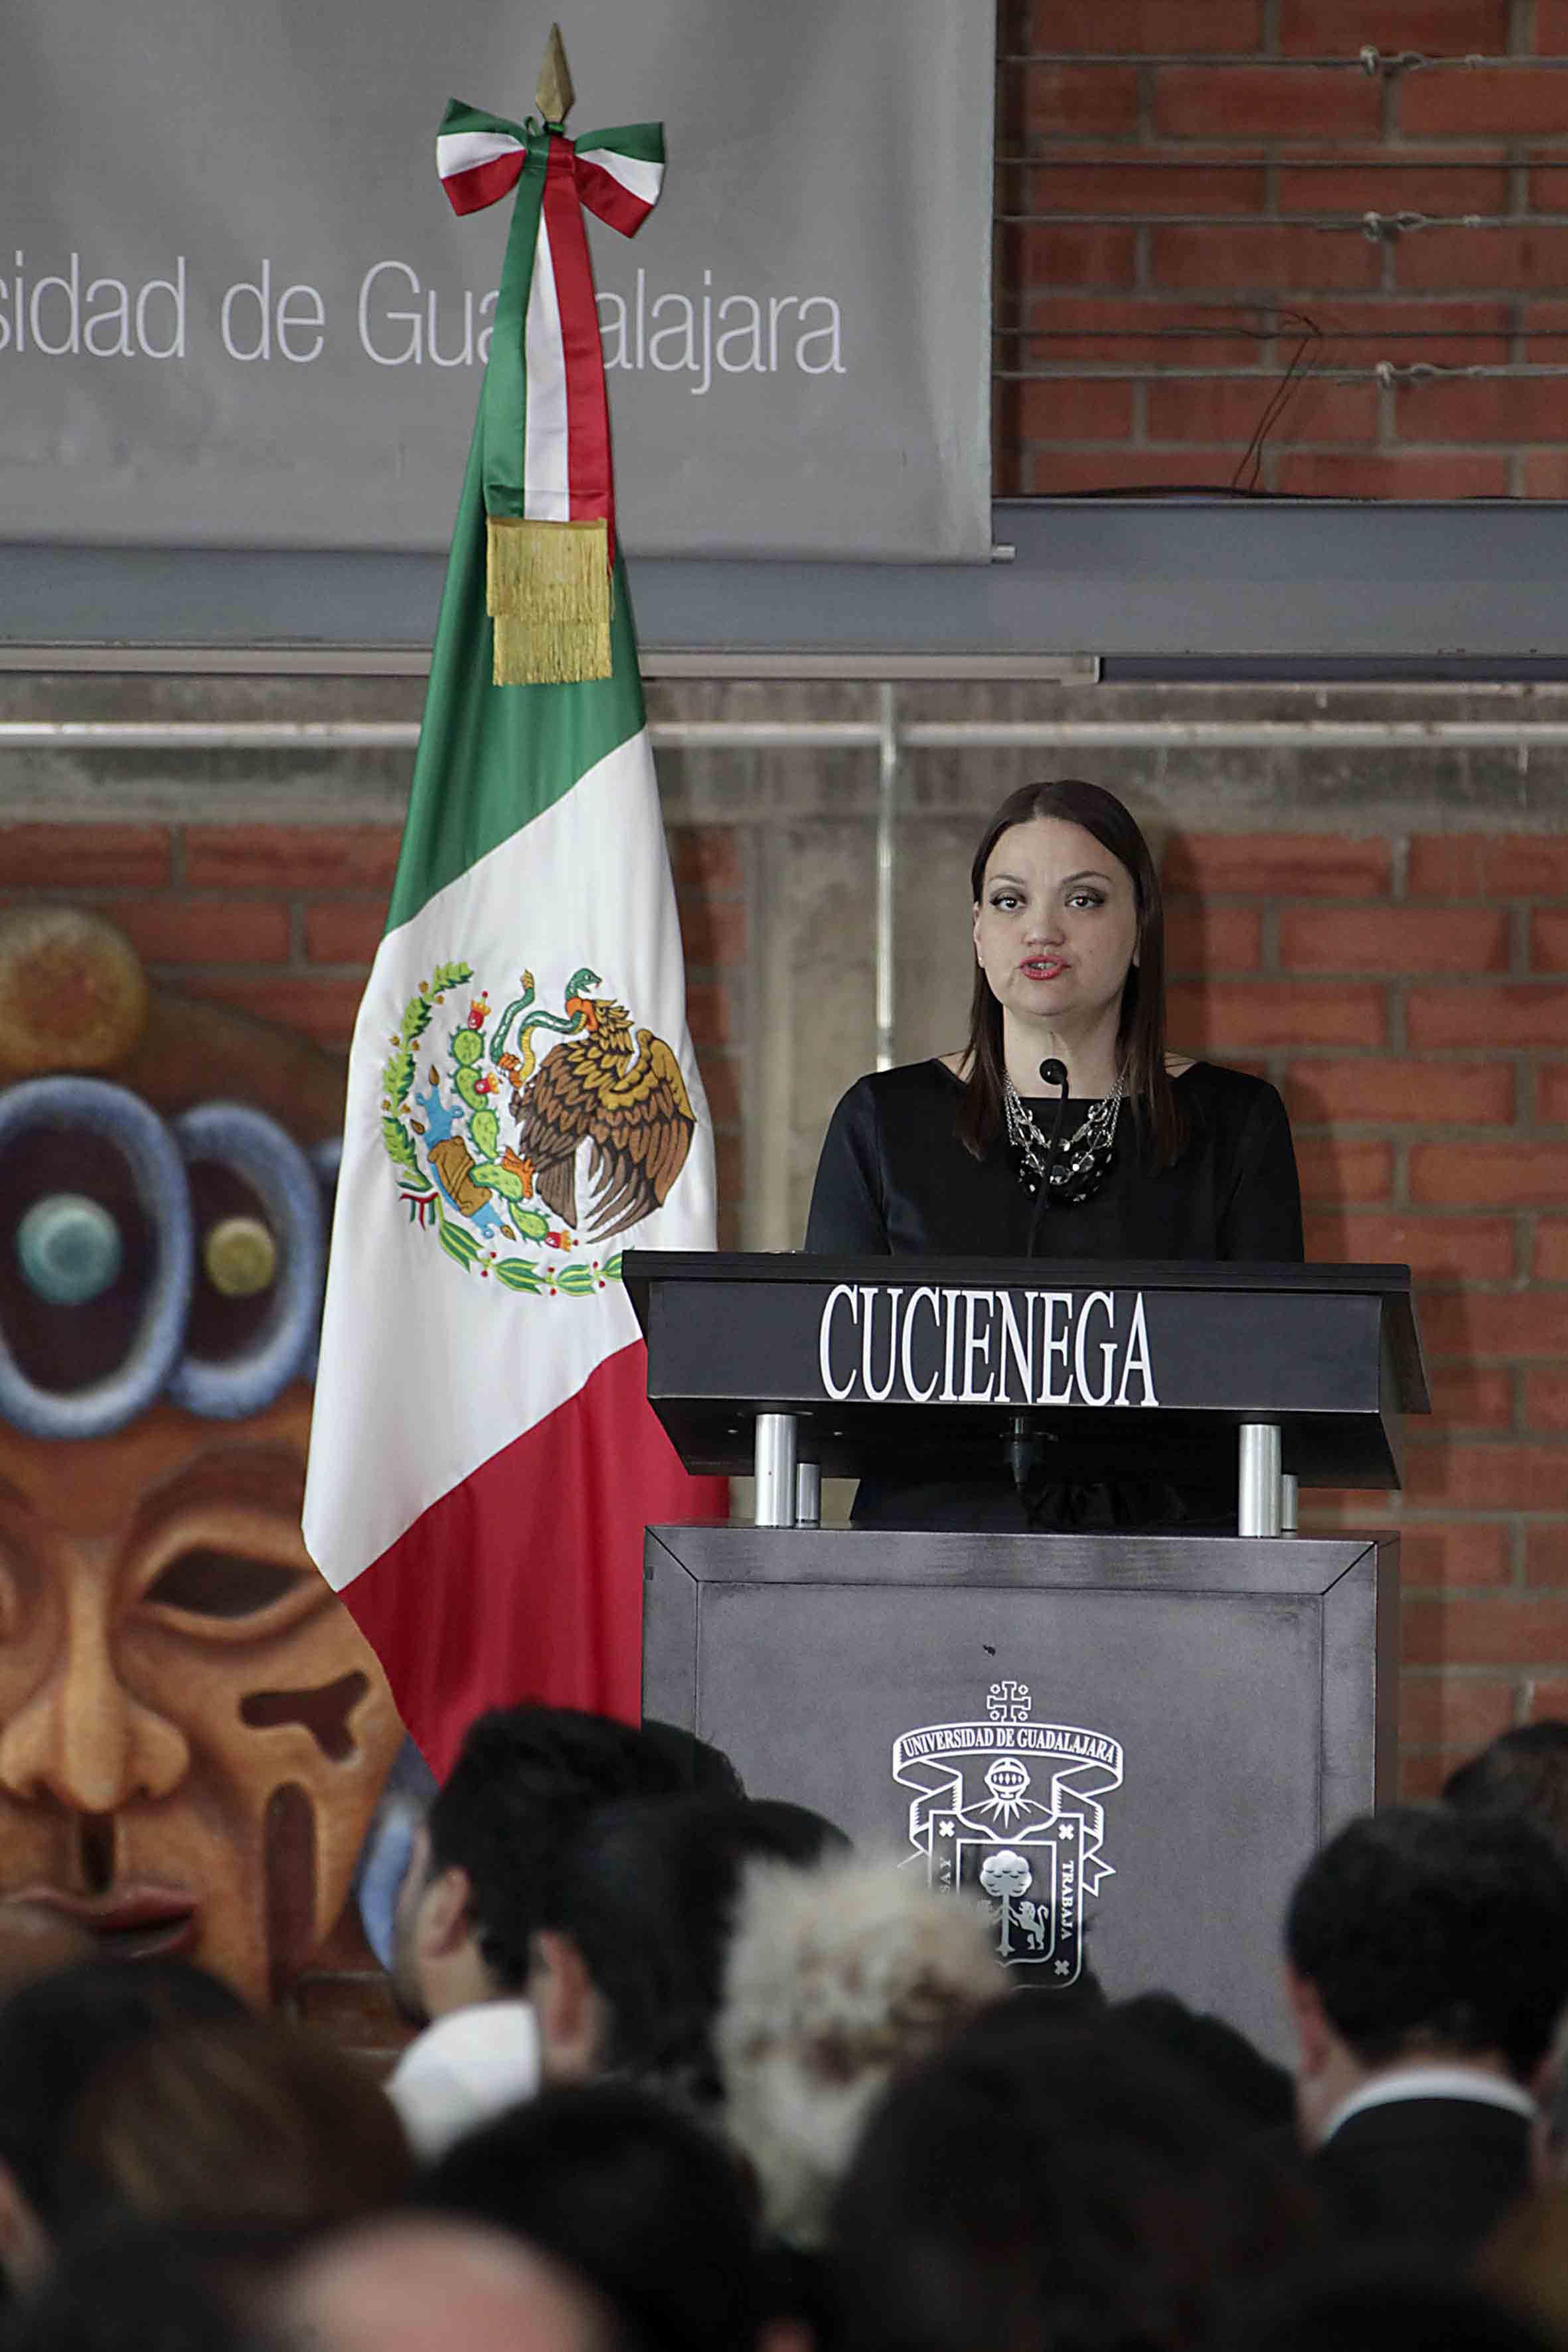 Apertura del segundo informe de actividades 2014-2015, por parte de la maestra María Felícitas Parga Jiménez, Rectora del Centro Universitario de la Ciénega (CUCiénega).